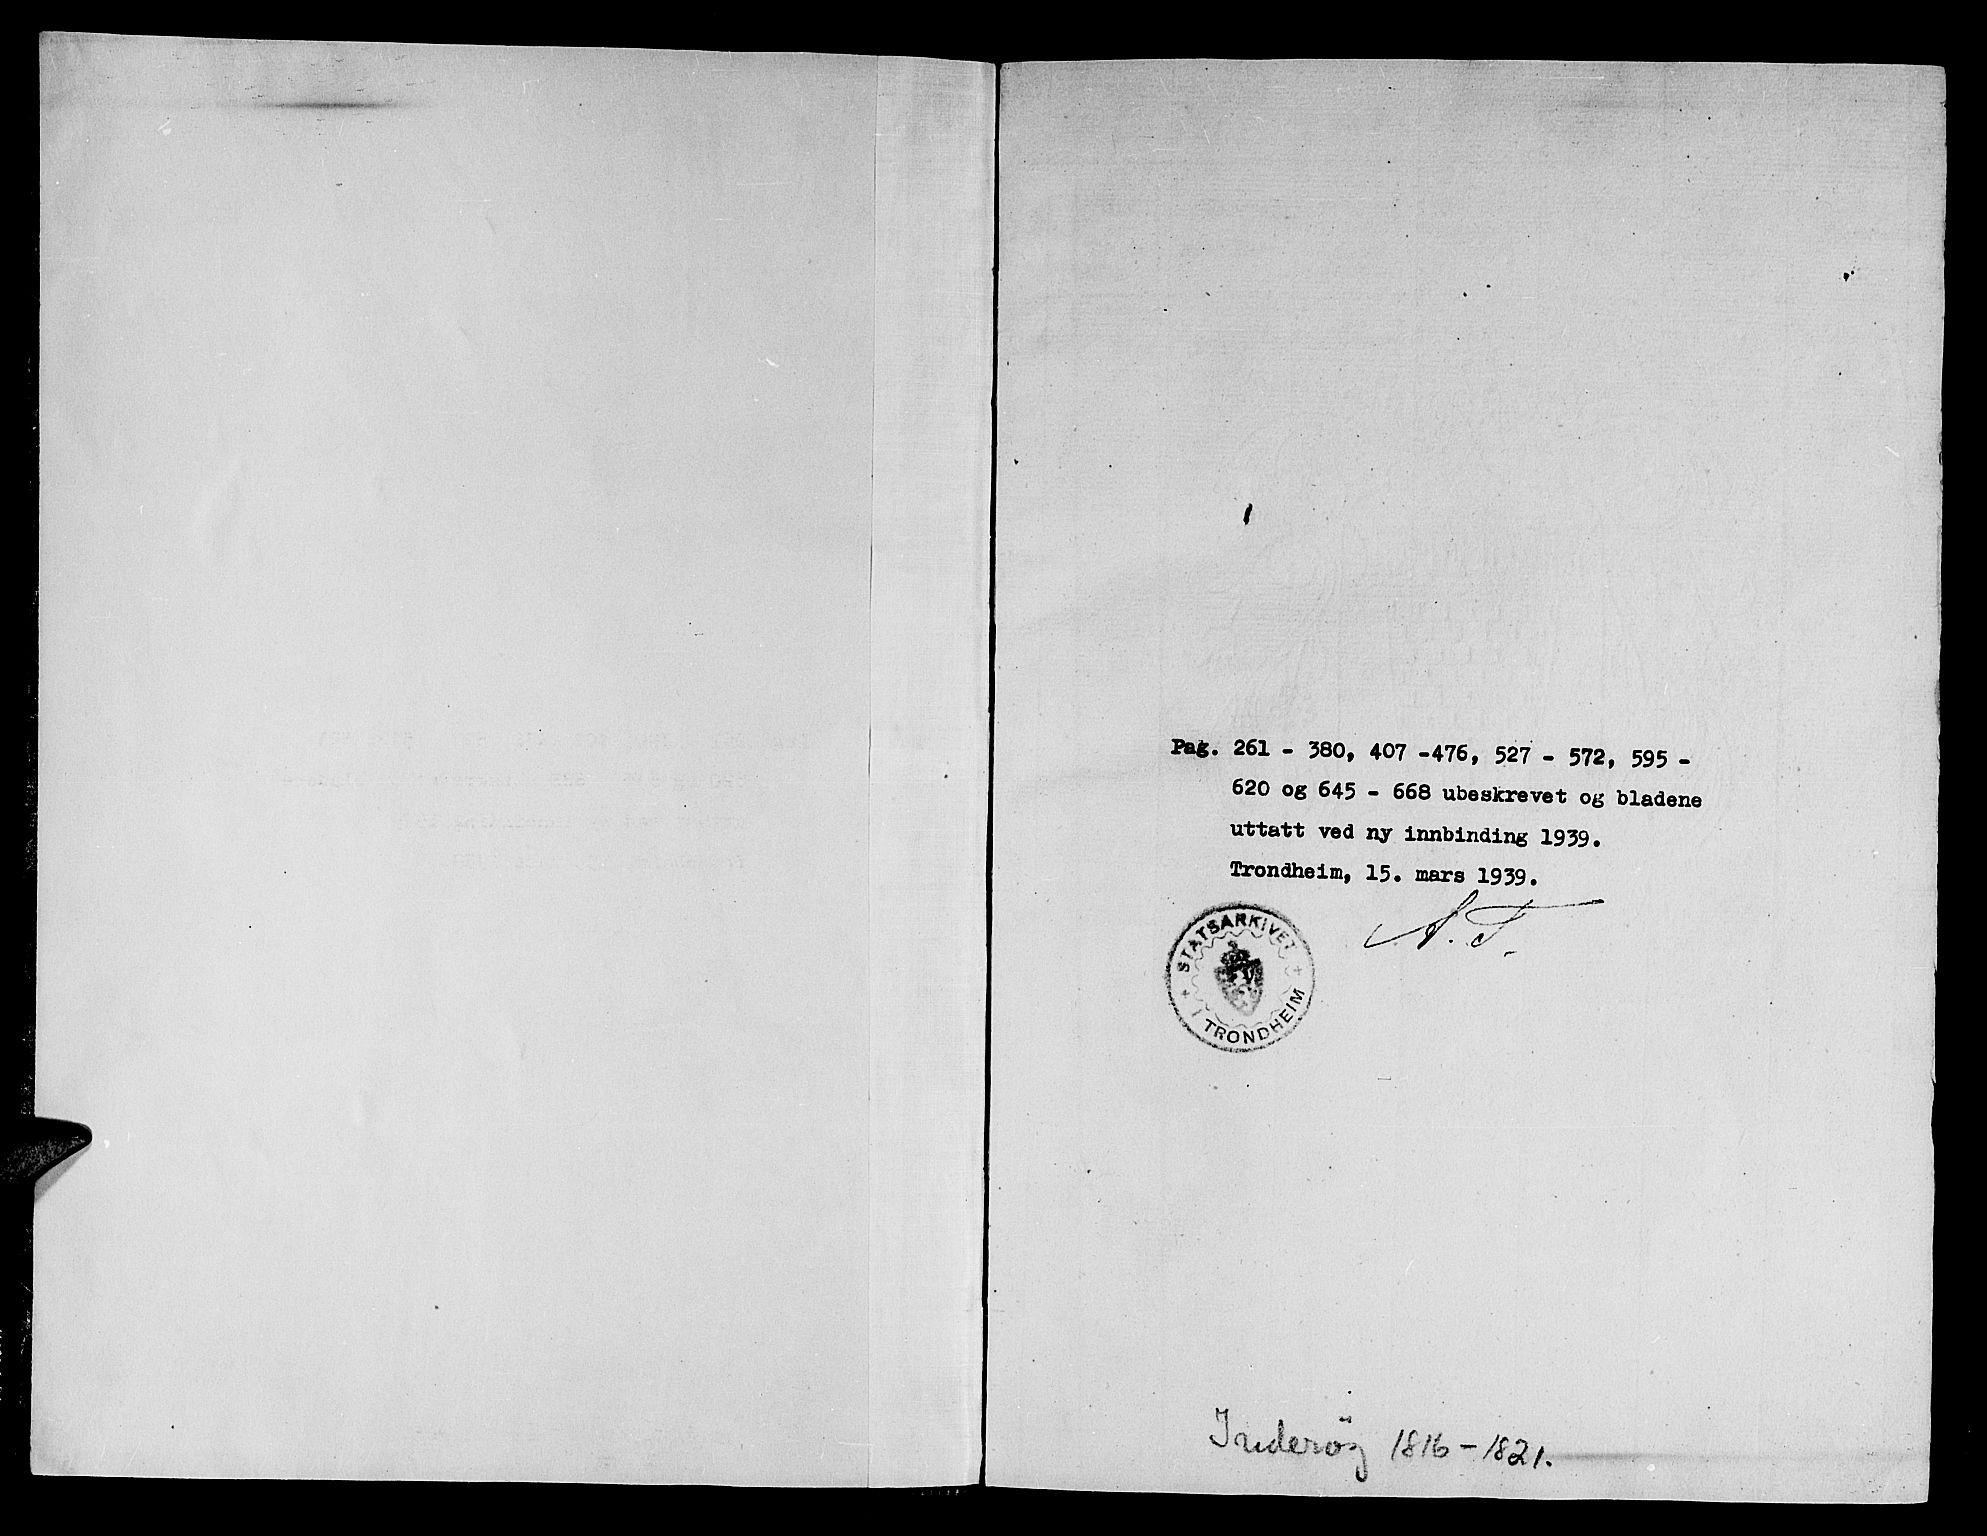 SAT, Ministerialprotokoller, klokkerbøker og fødselsregistre - Nord-Trøndelag, 730/L0275: Ministerialbok nr. 730A04, 1816-1822